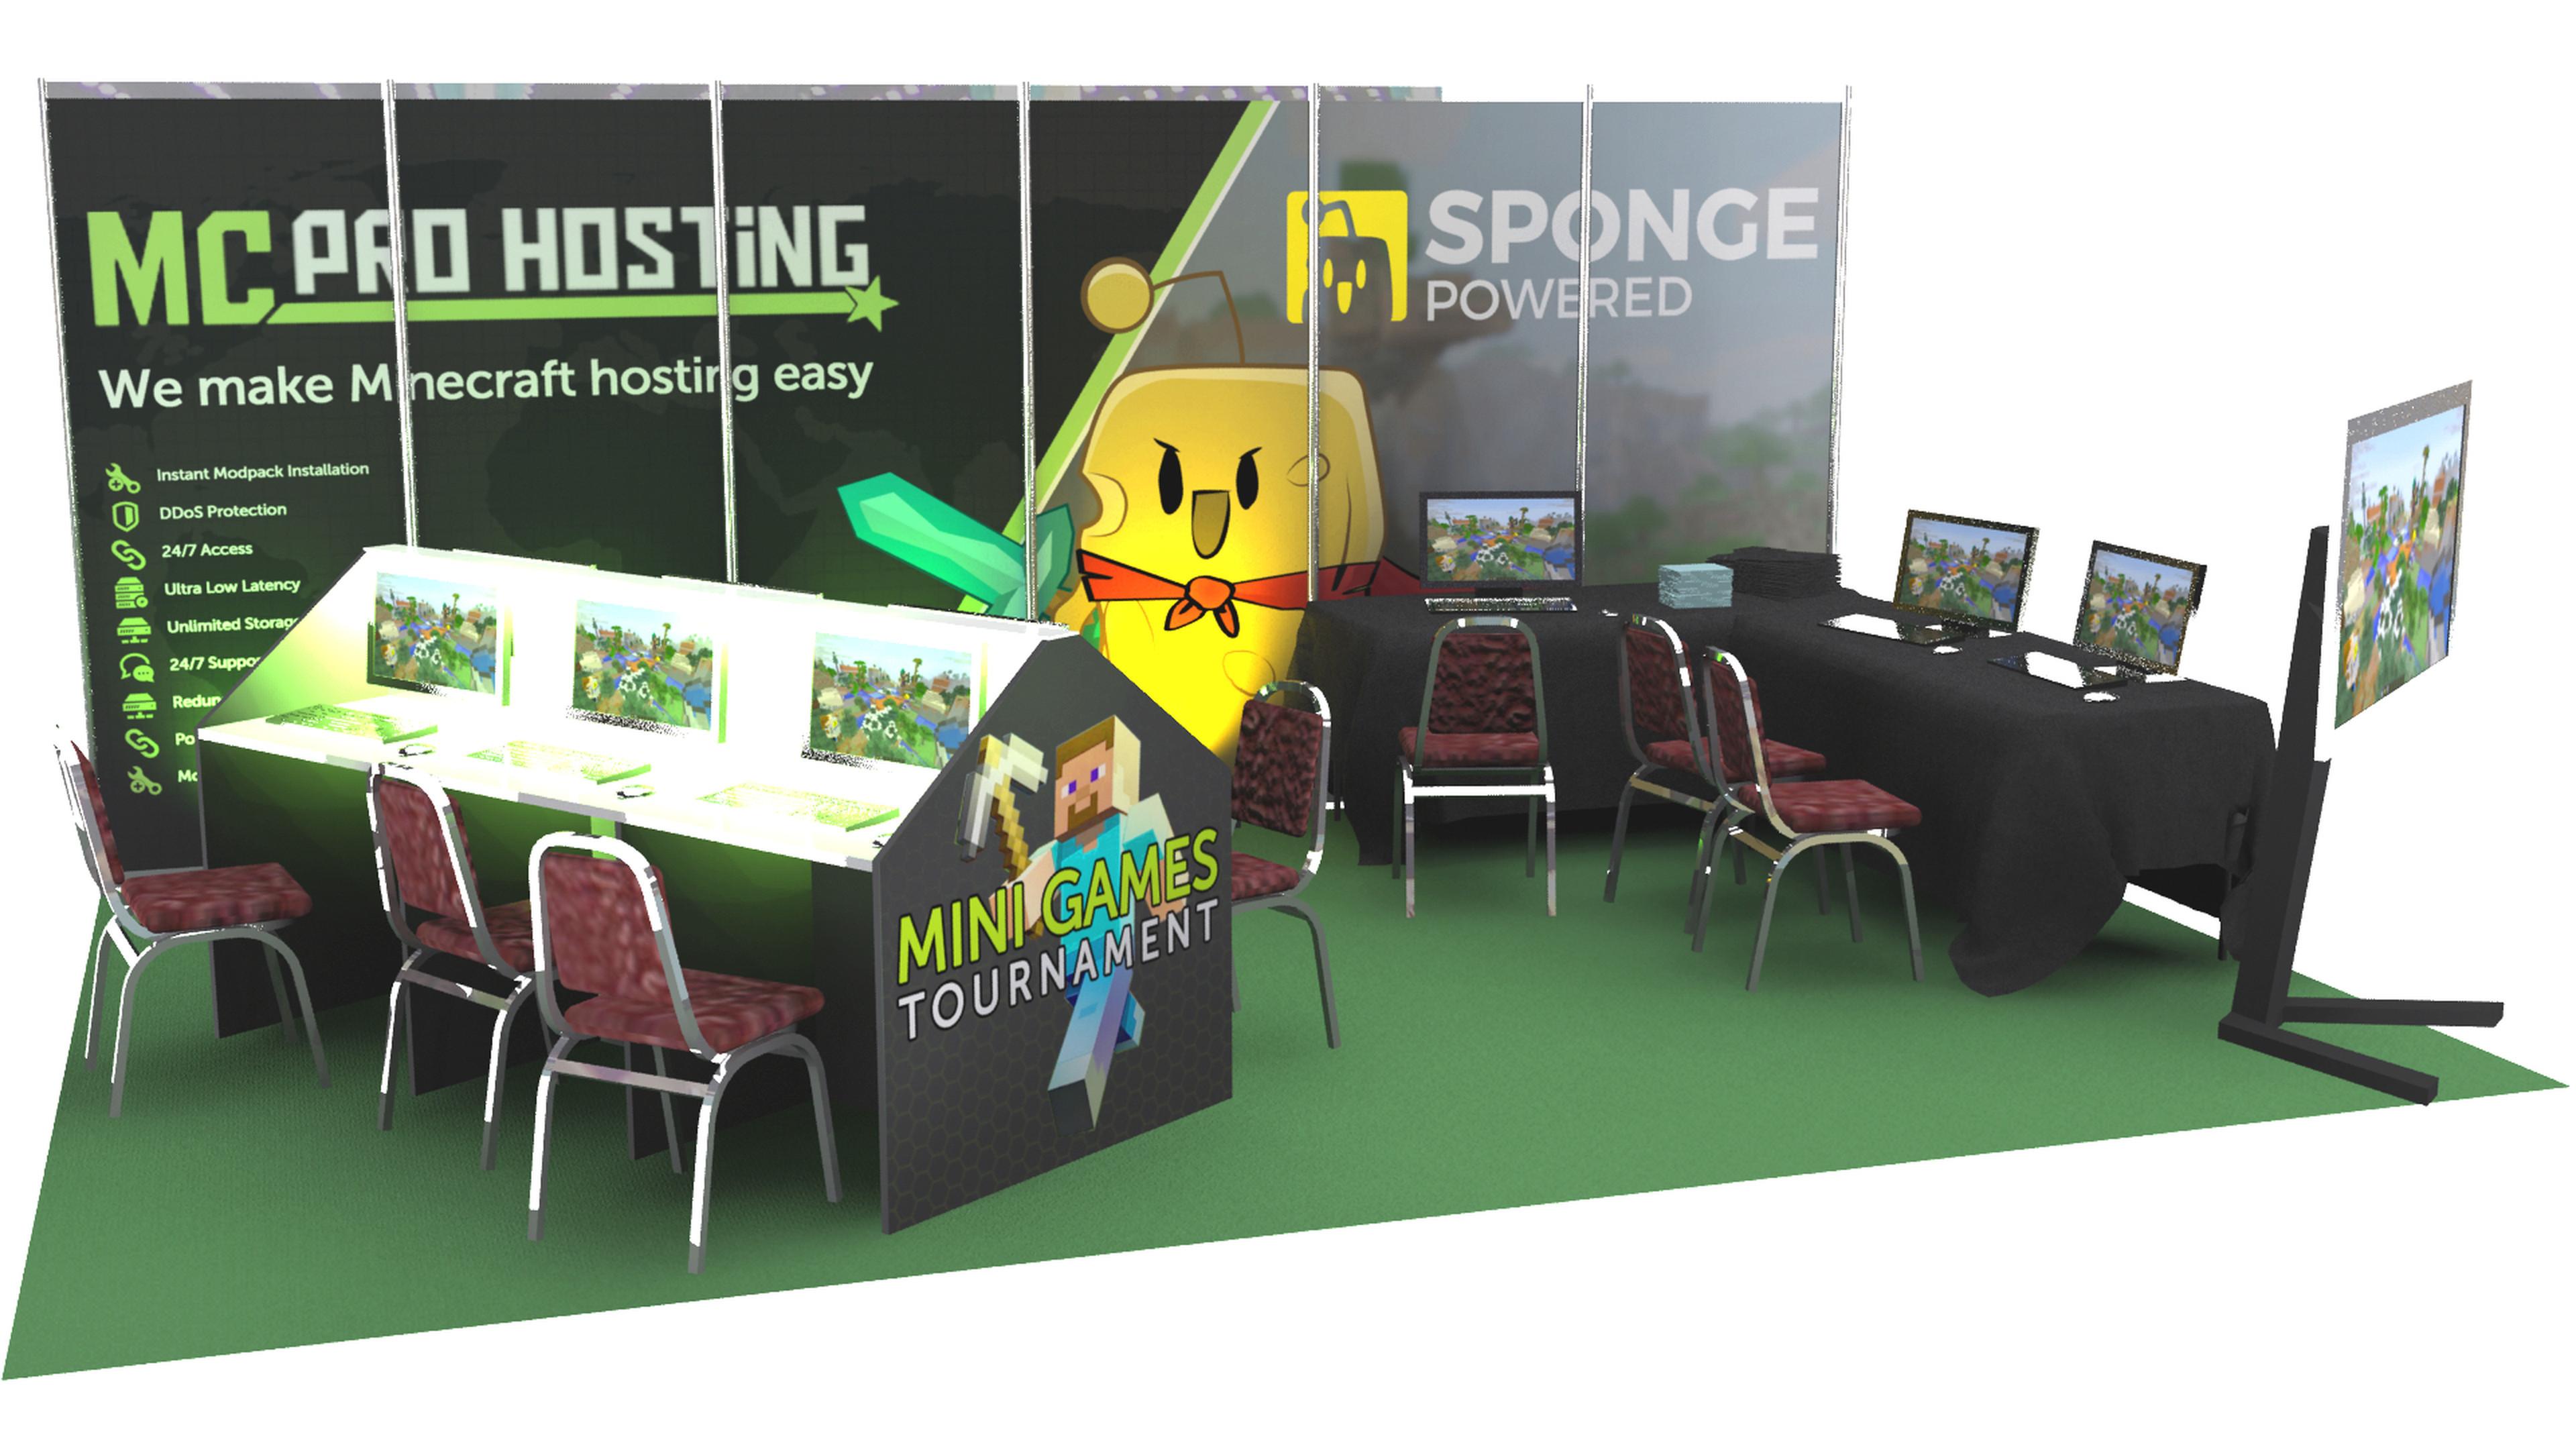 sponge-minecon